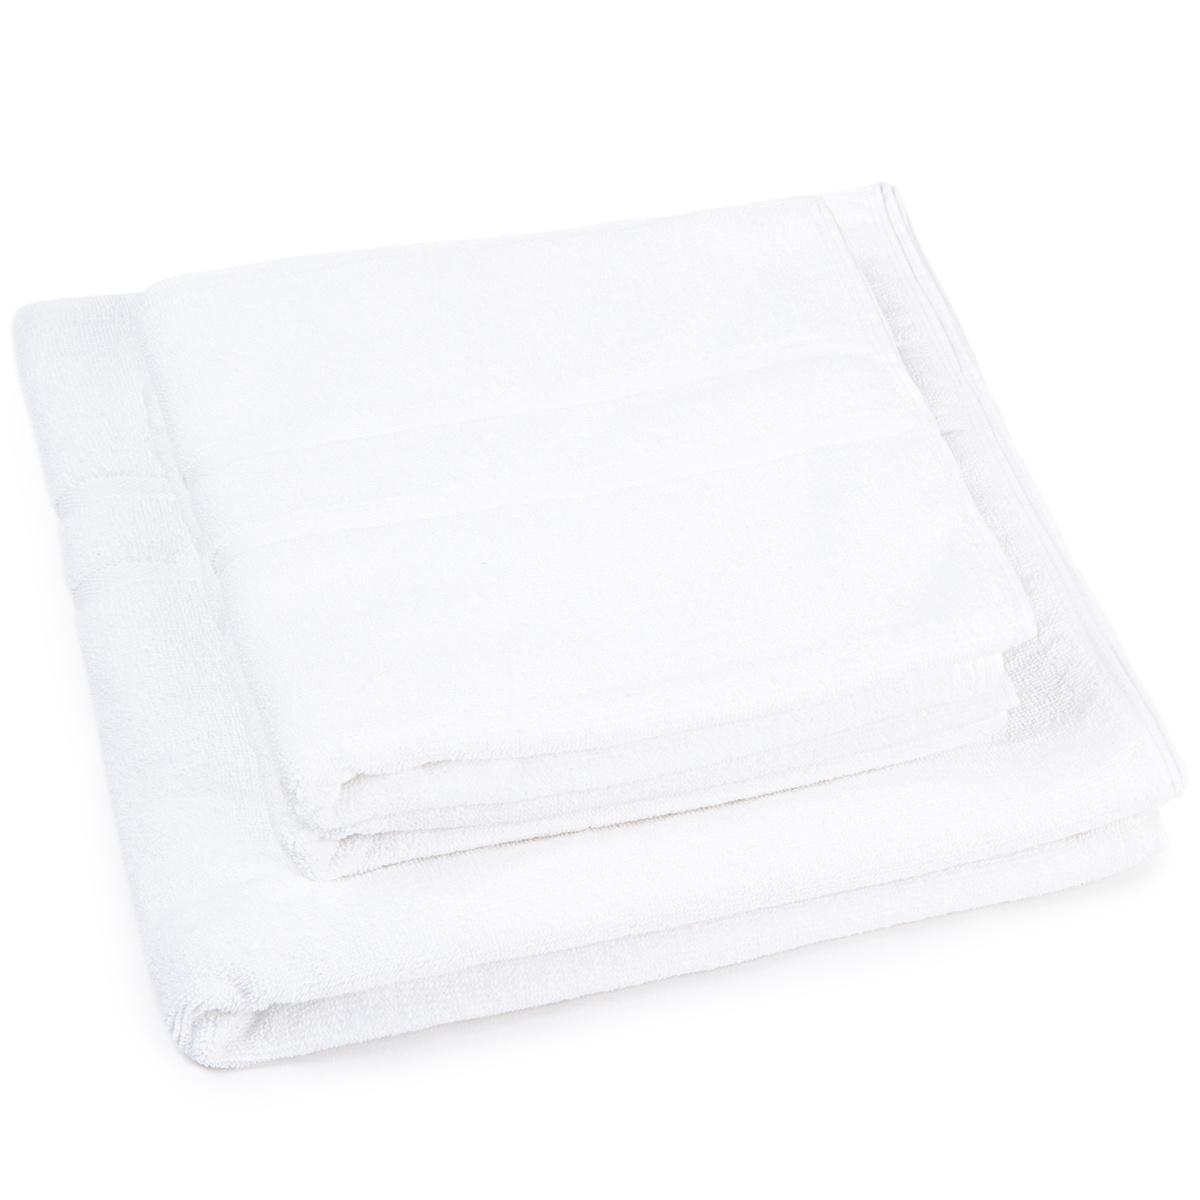 Profod Sada hotelových ručníků a osušky Ellin, 2 ks 50 x 100 cm, 1 ks 70 x 140 cm